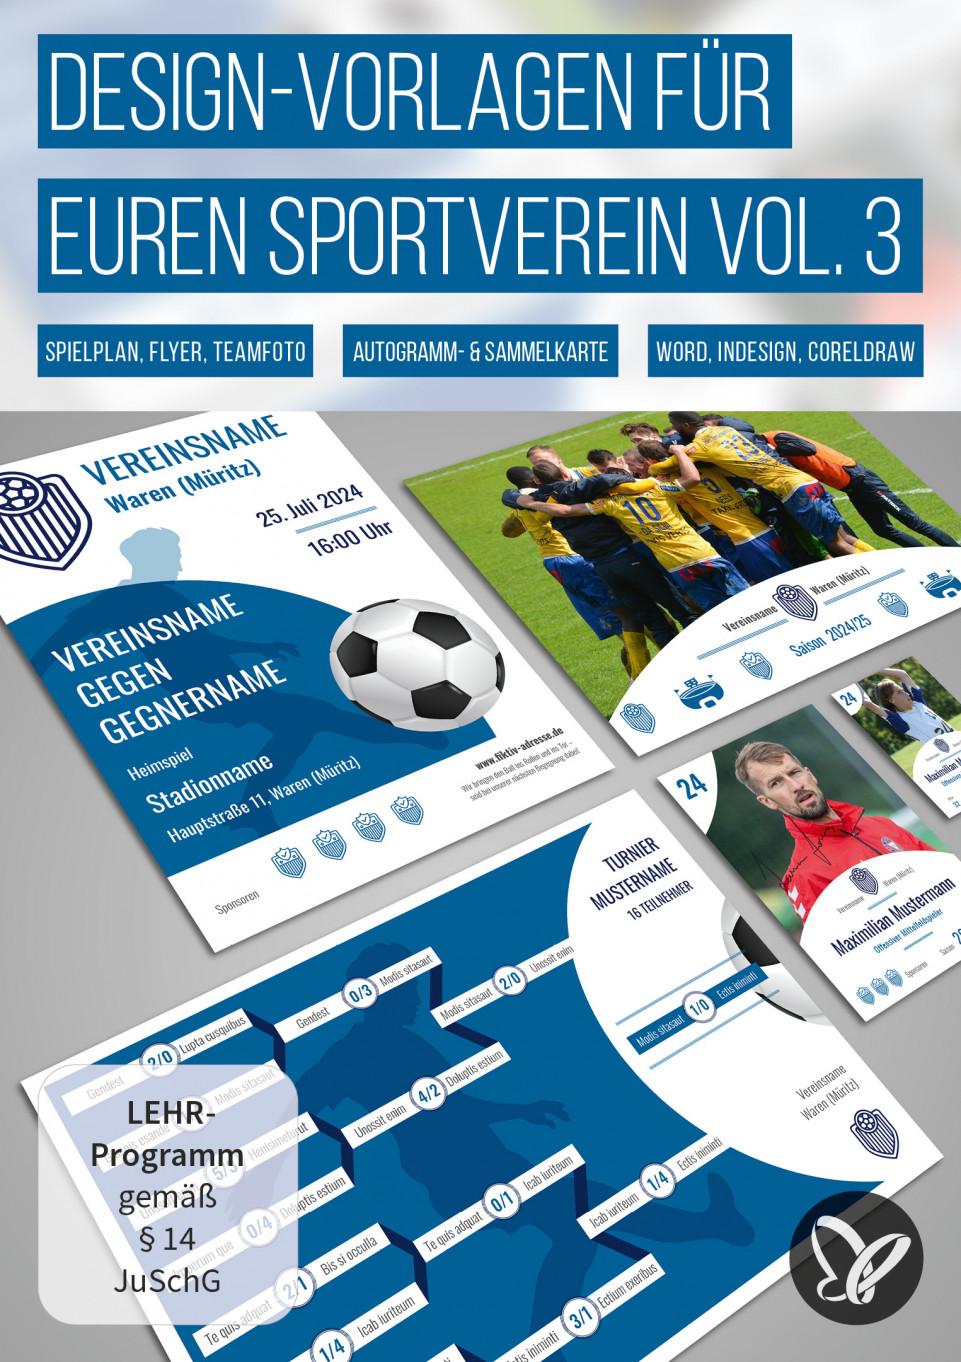 Design-Vorlagen für euren Sportverein – Komplettausstattung Vol. 3